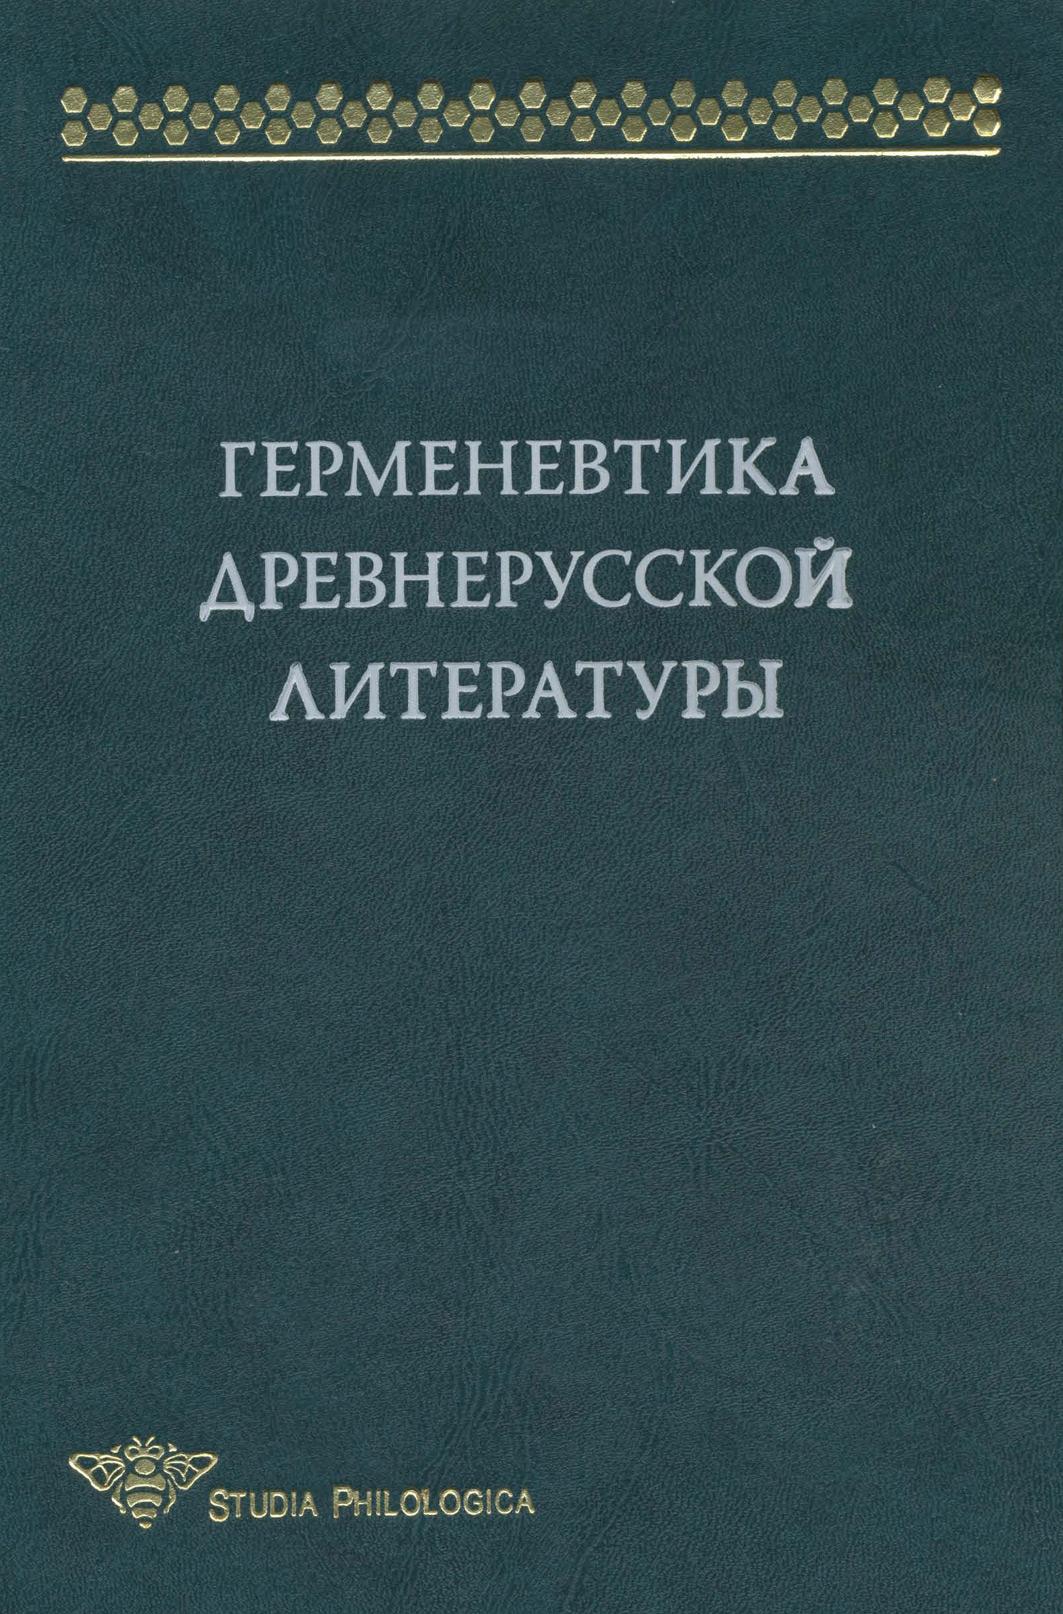 Герменевтика древнерусской литературы. Сборник 14 ( Коллектив авторов  )